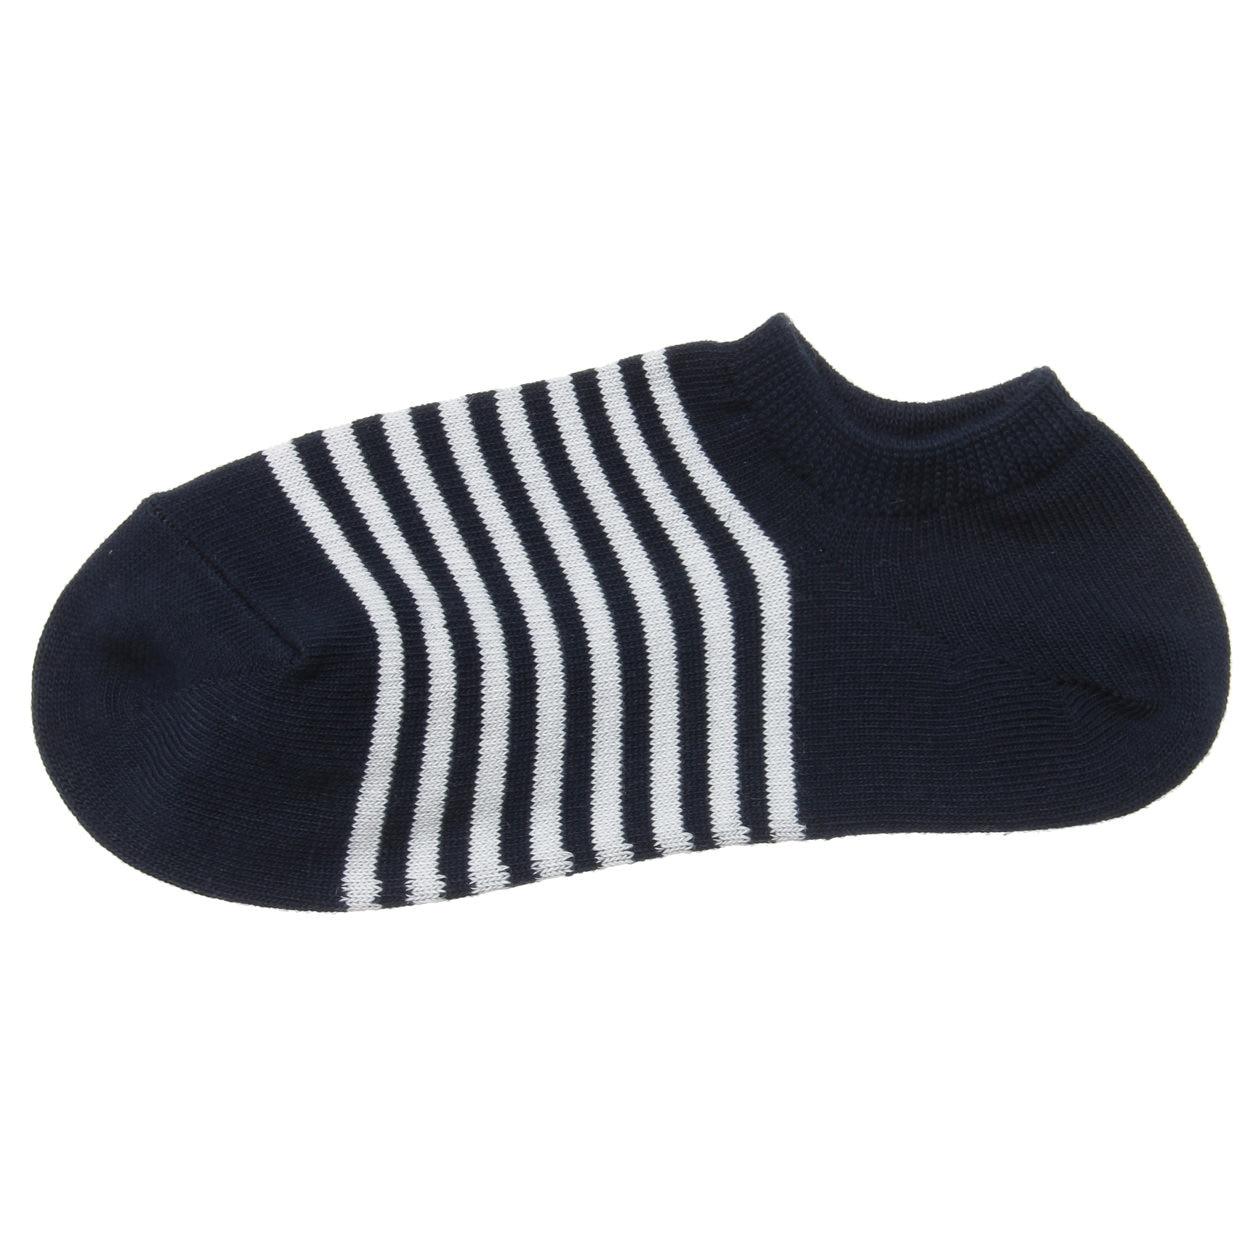 足なり直角 スニーカーイン靴下(ボーダー/婦人・えらべる)